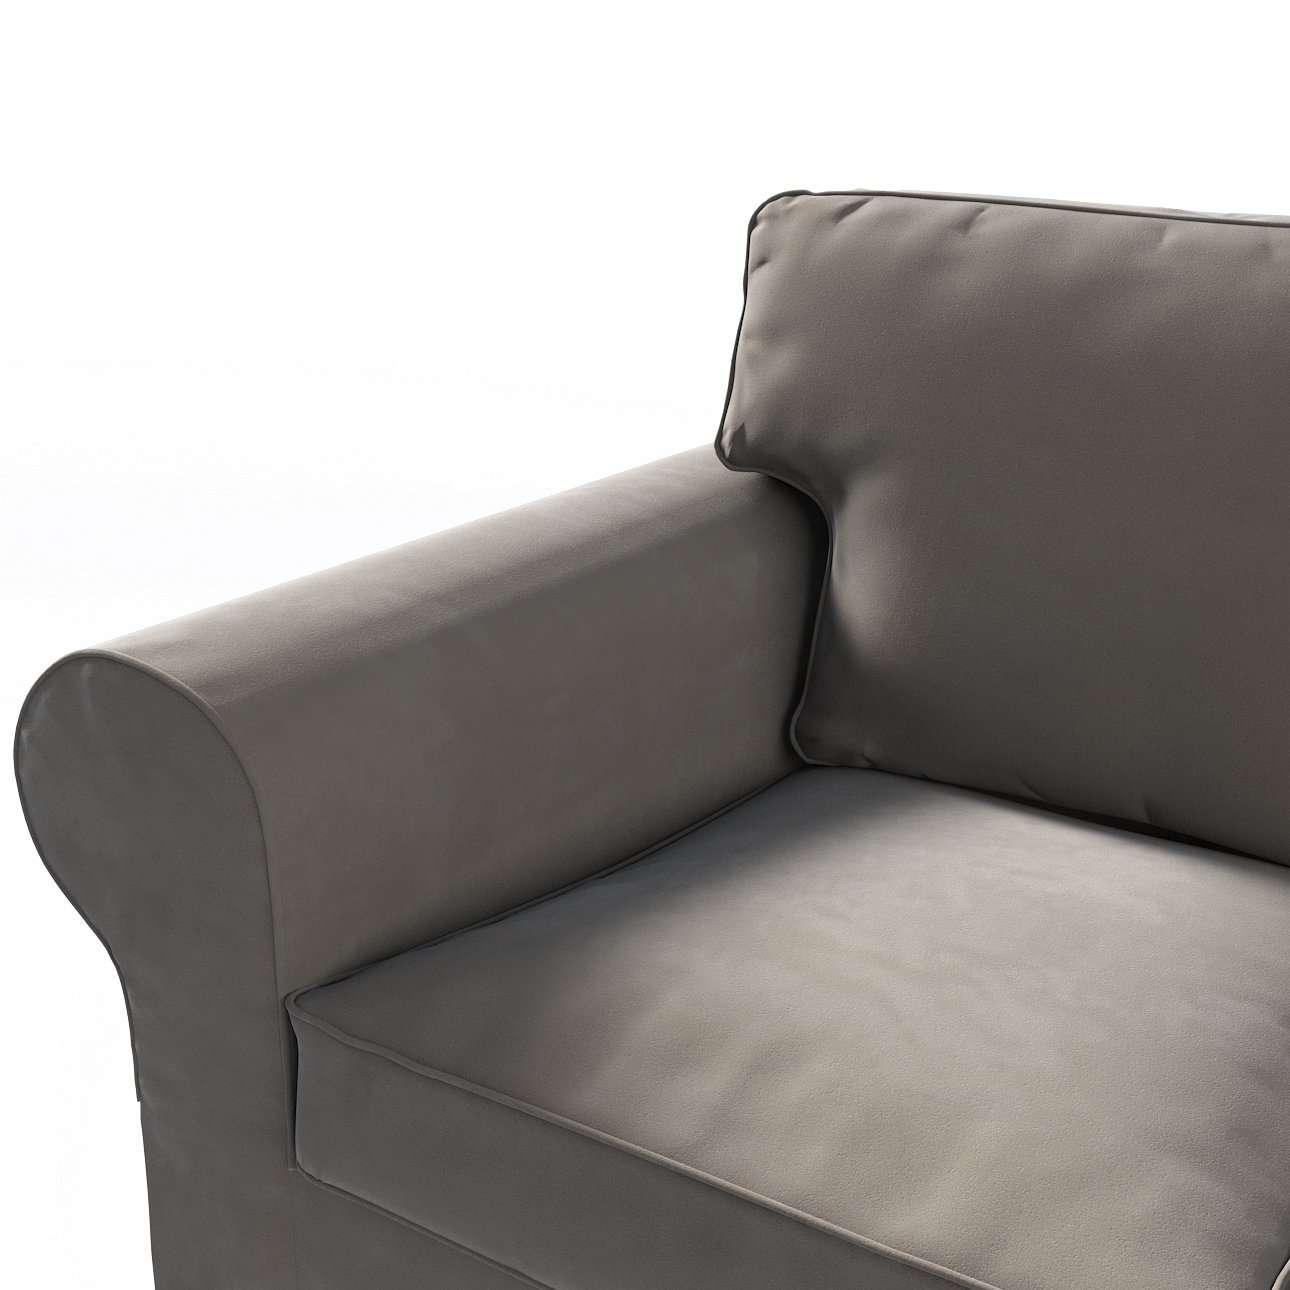 Bezug für Ektorp 3-Sitzer Schlafsofa, neues Modell (2013) von der Kollektion Velvet, Stoff: 704-19